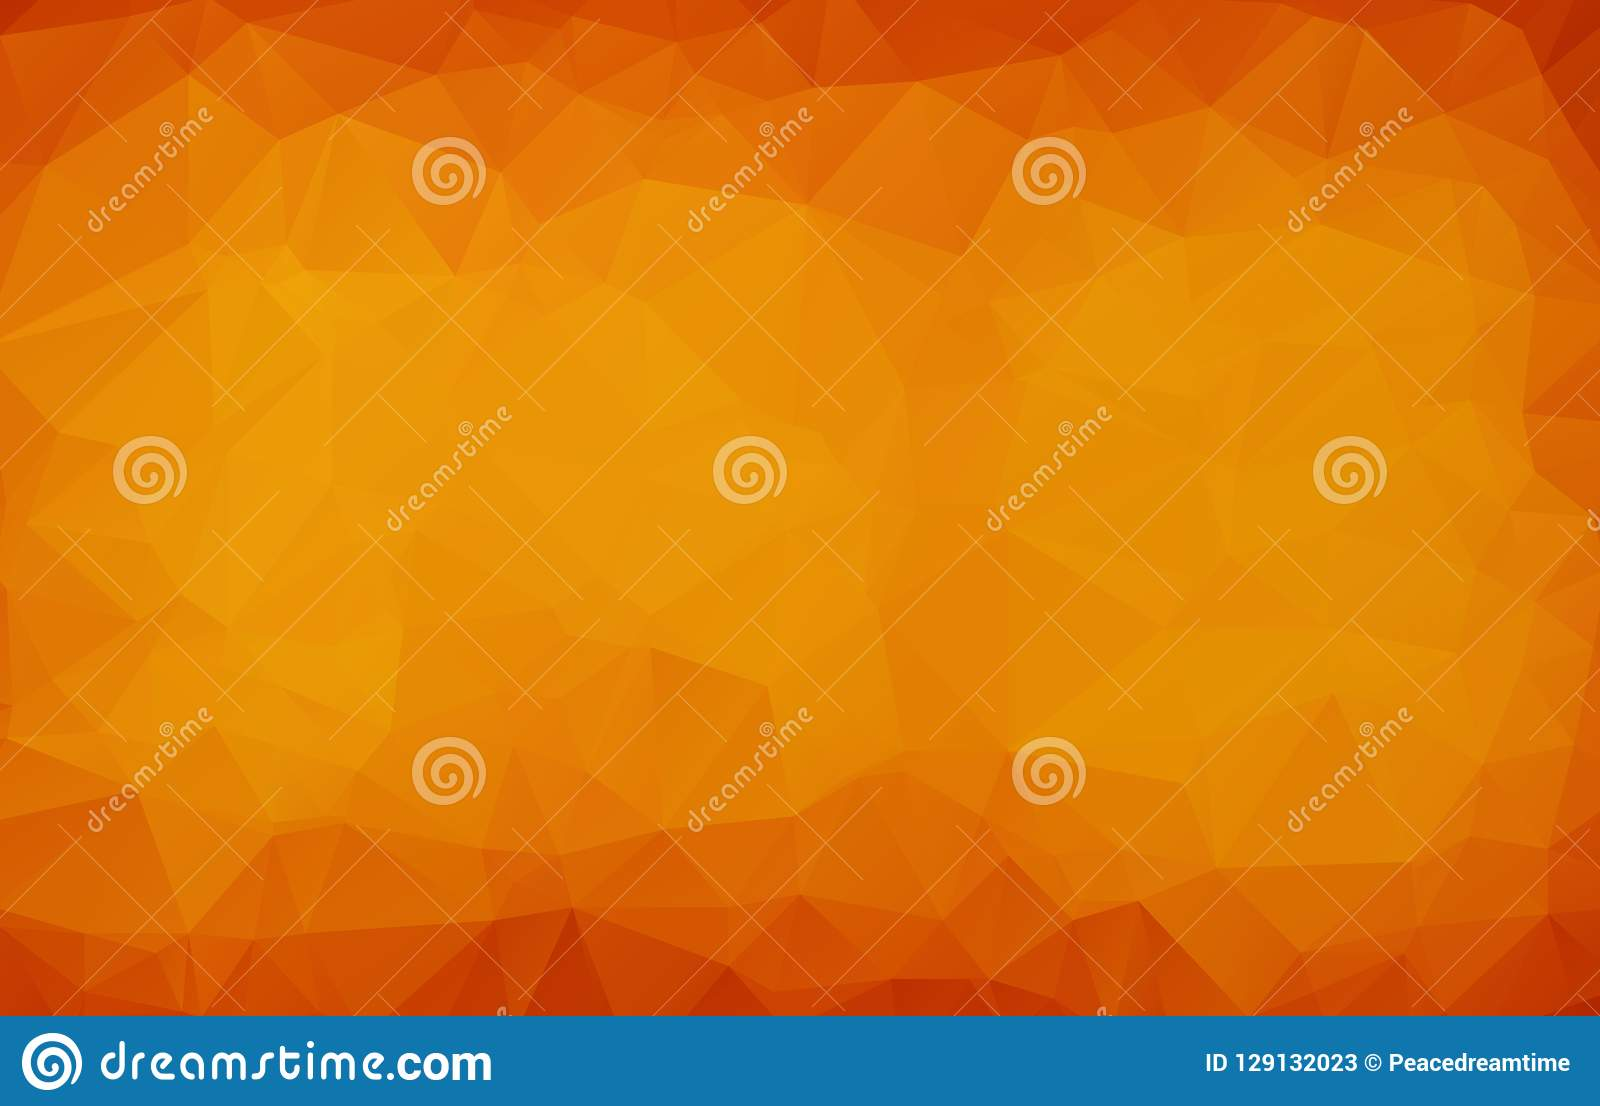 Αφηρημένη σκούρο παρτοκαλί polygonal απεικόνιση, τα οποία αποτελούνται από τα τρίγωνα Γεωμετρικό υπόβαθρο στο ύφος Origami με την